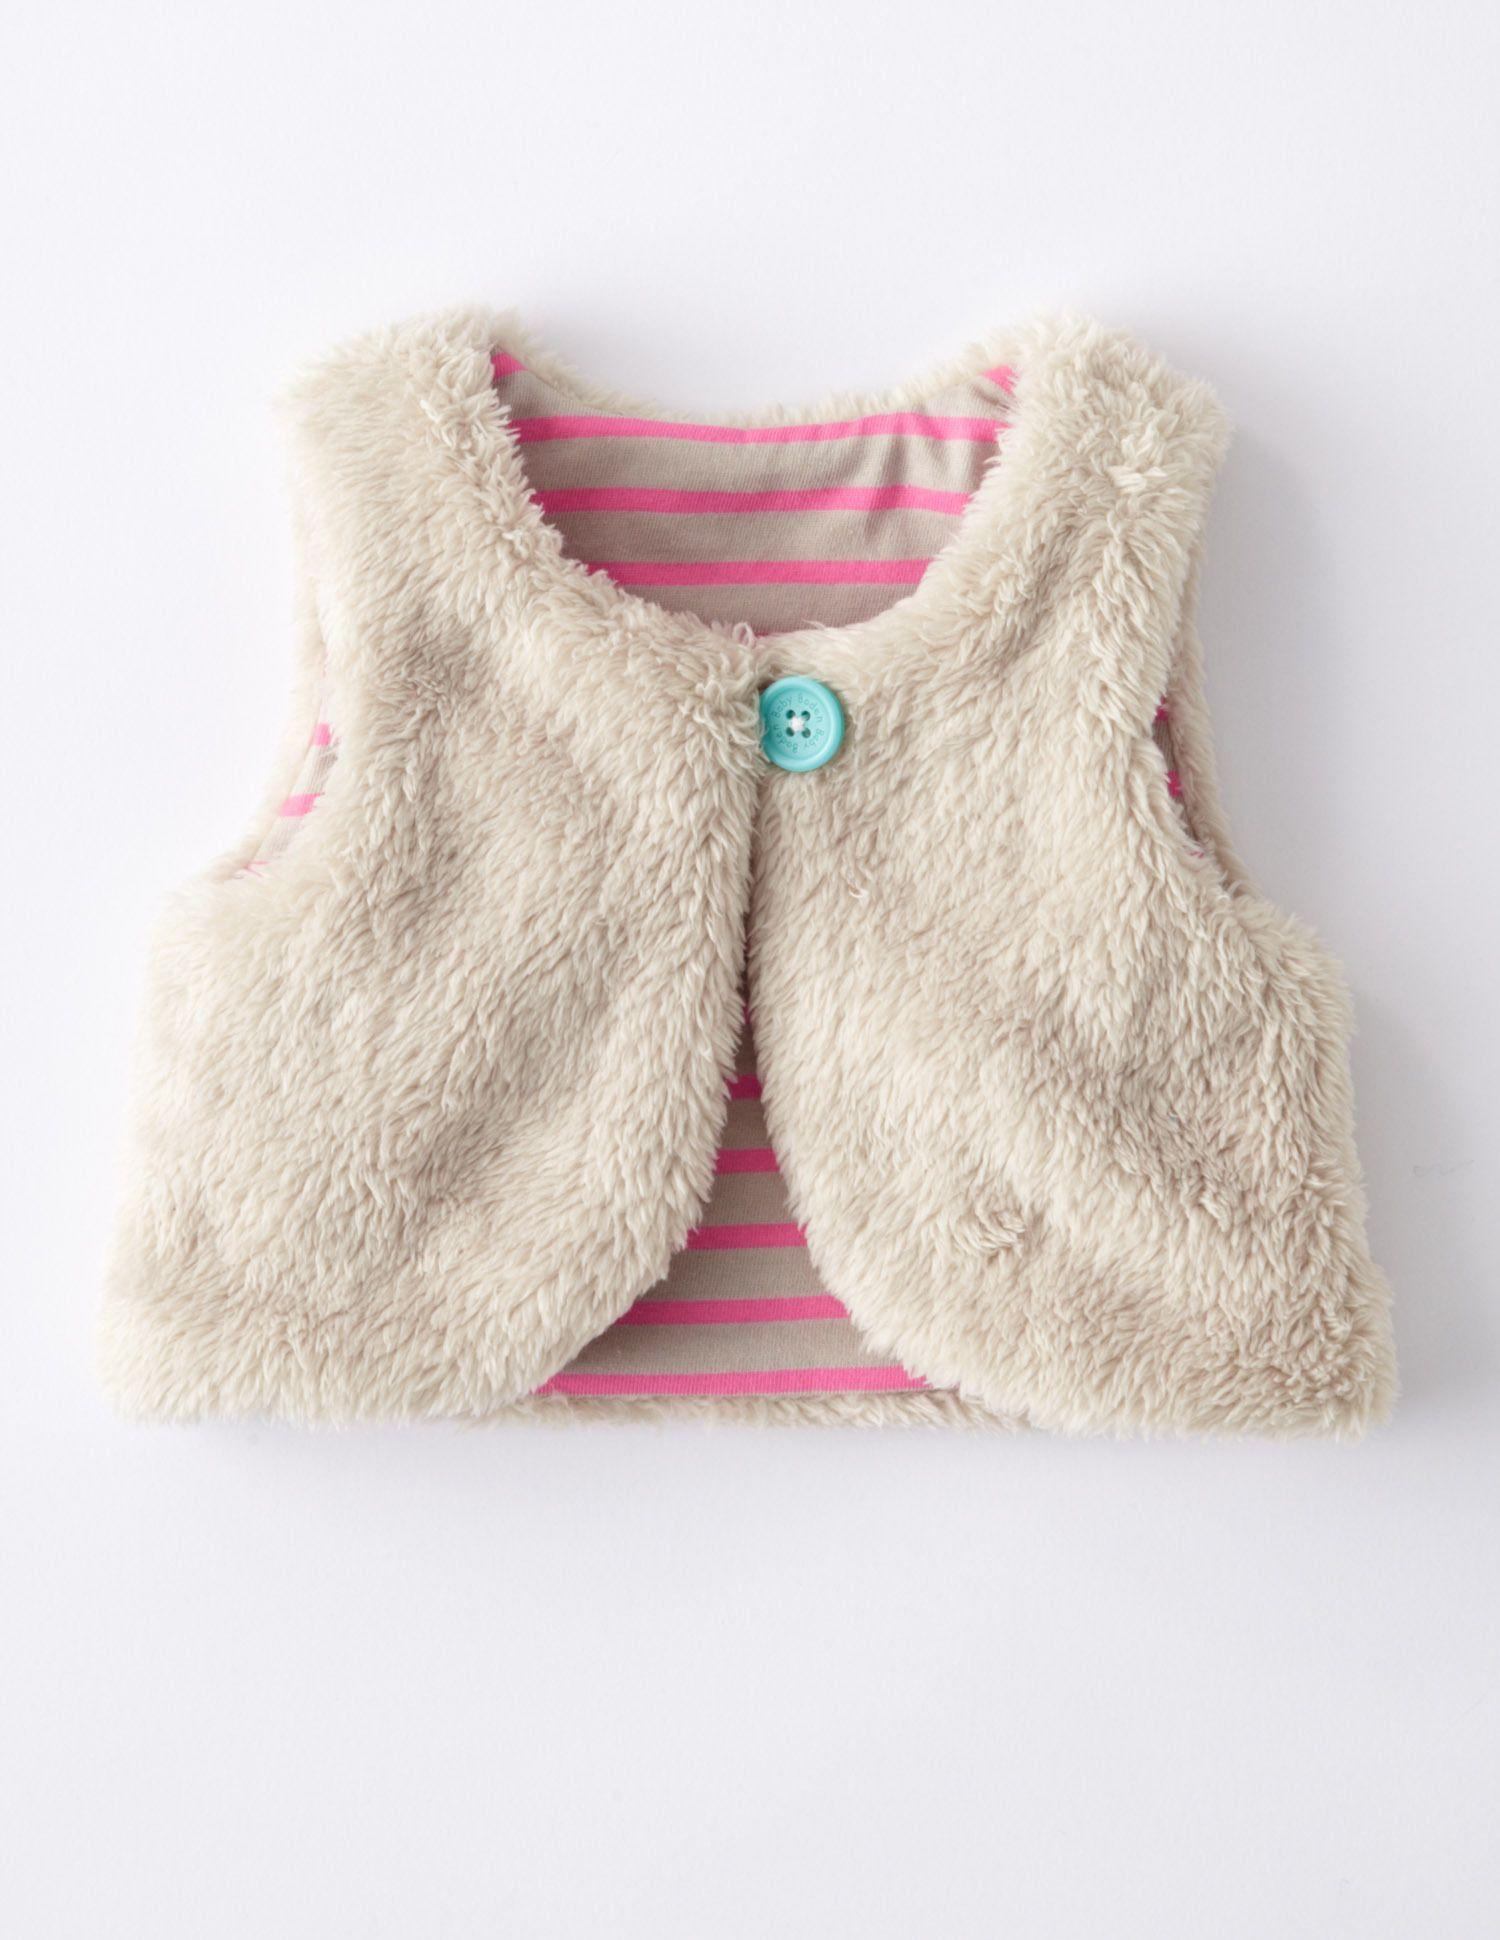 24d7e85cc Reversible Fleece Gilet 71331 Girls at Boden baby infant toddler ...